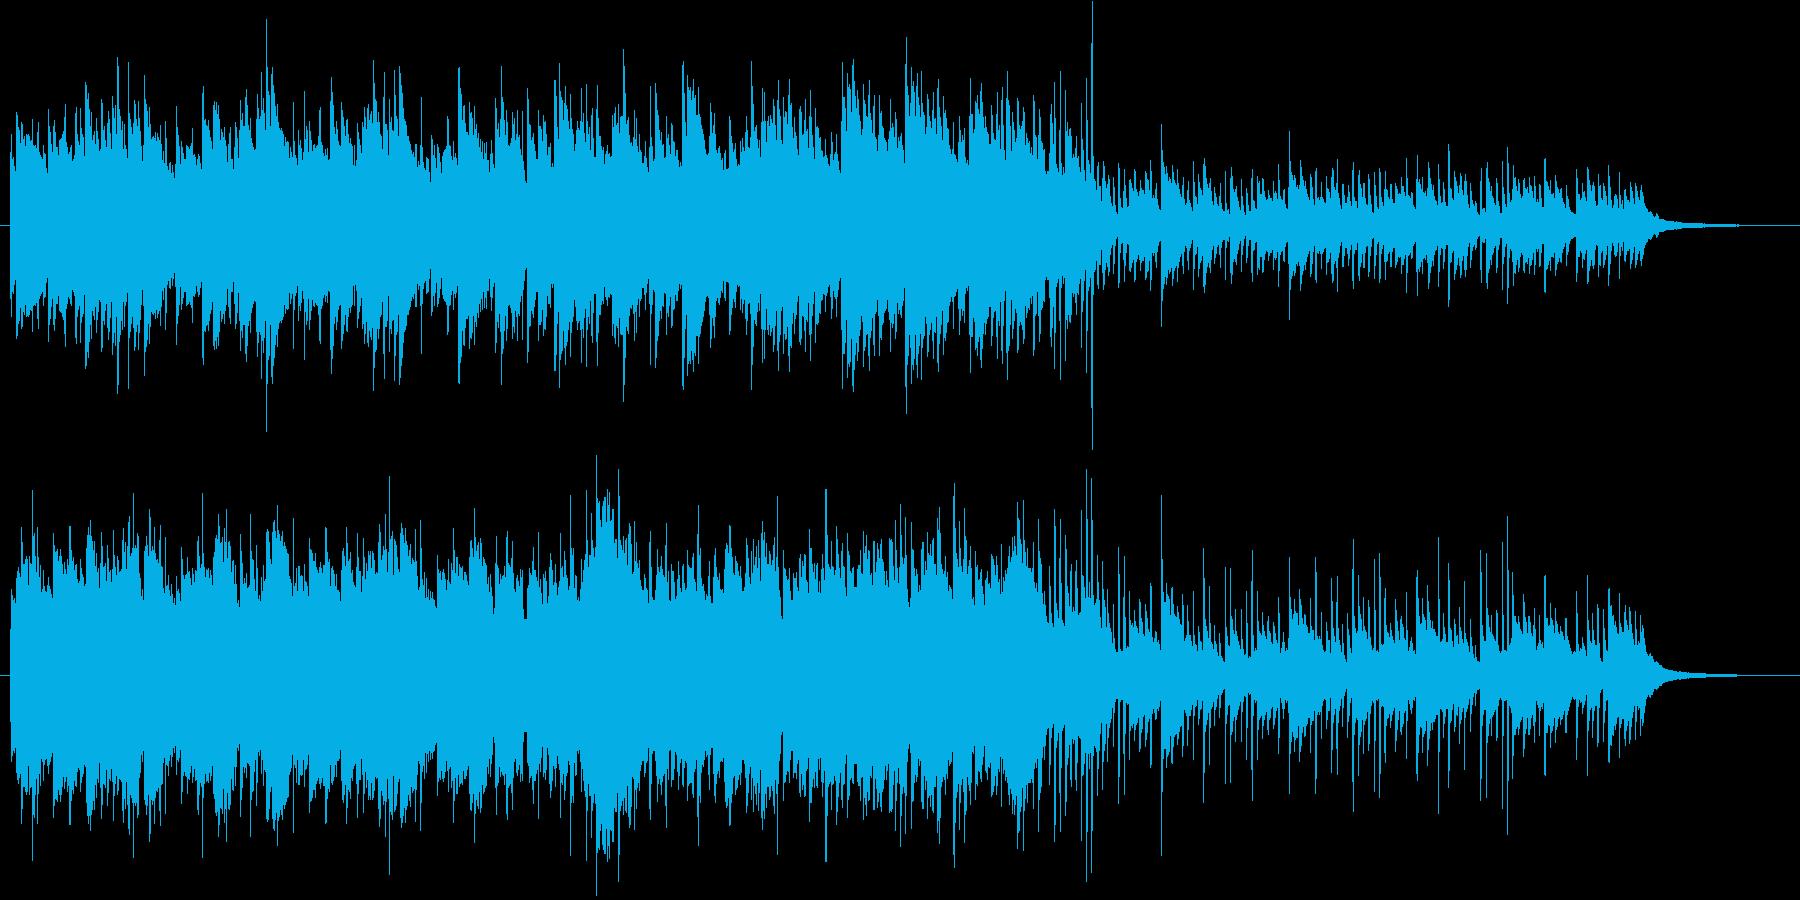 物悲しい回想シーンに流れるピアノソロの再生済みの波形